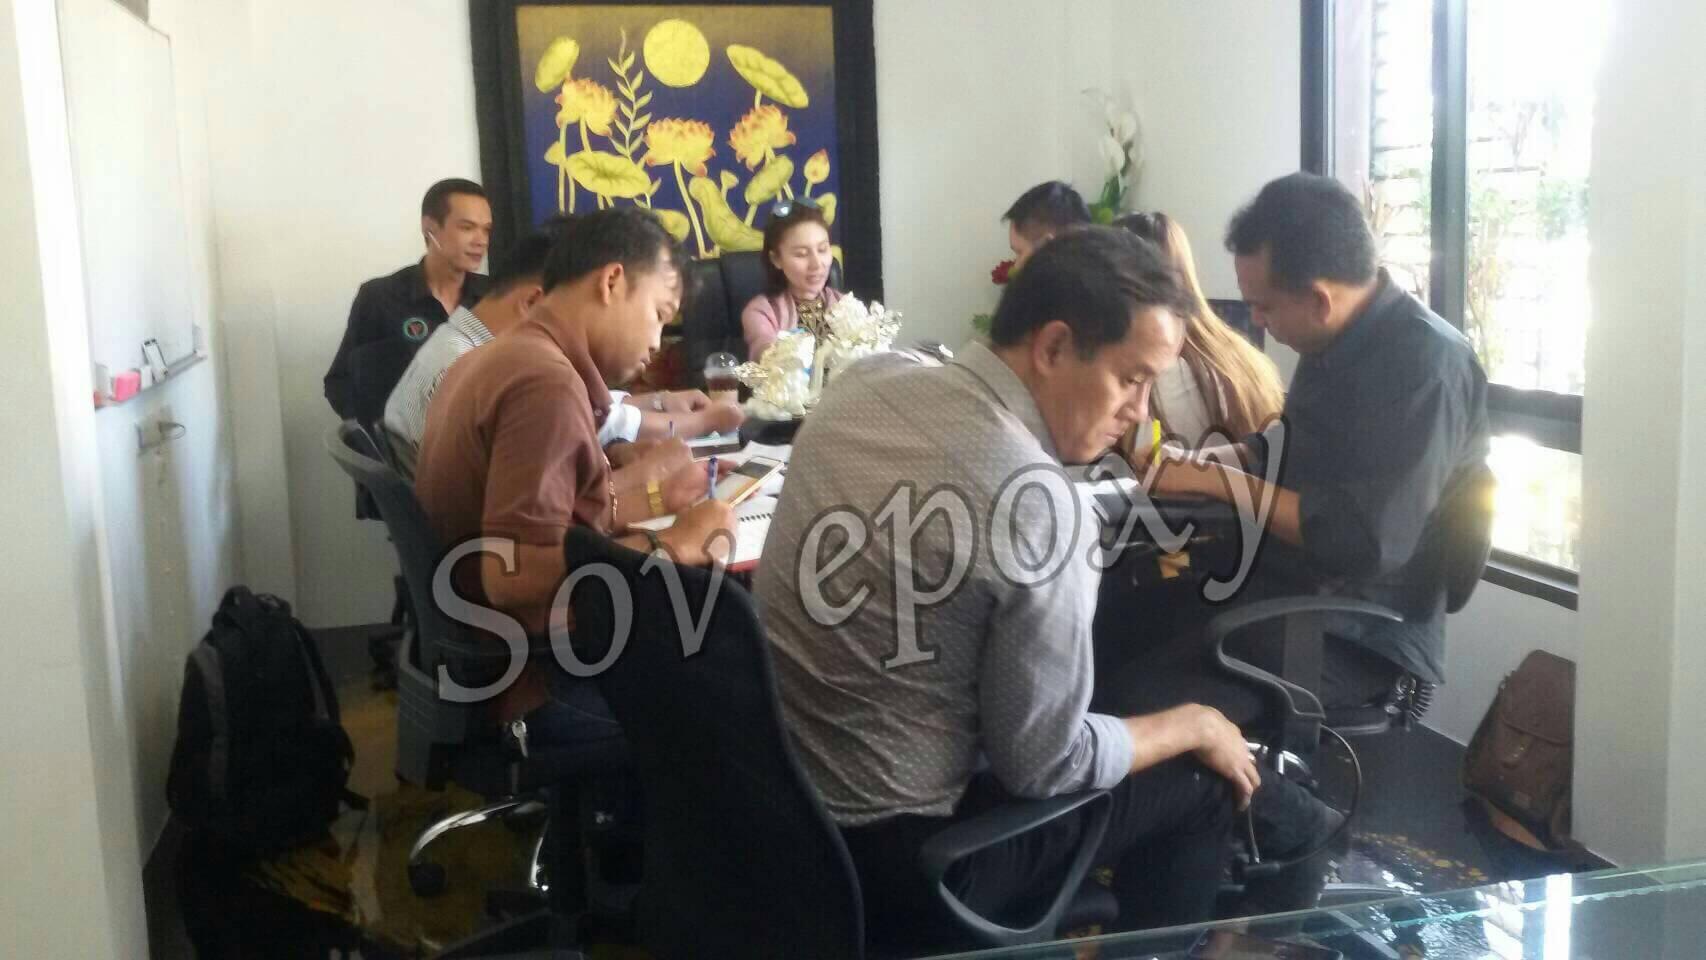 พนักงานเชลล์ SOV ประชุมยอดขาย ประจำเดือนพฤศจิกายน 2559 6